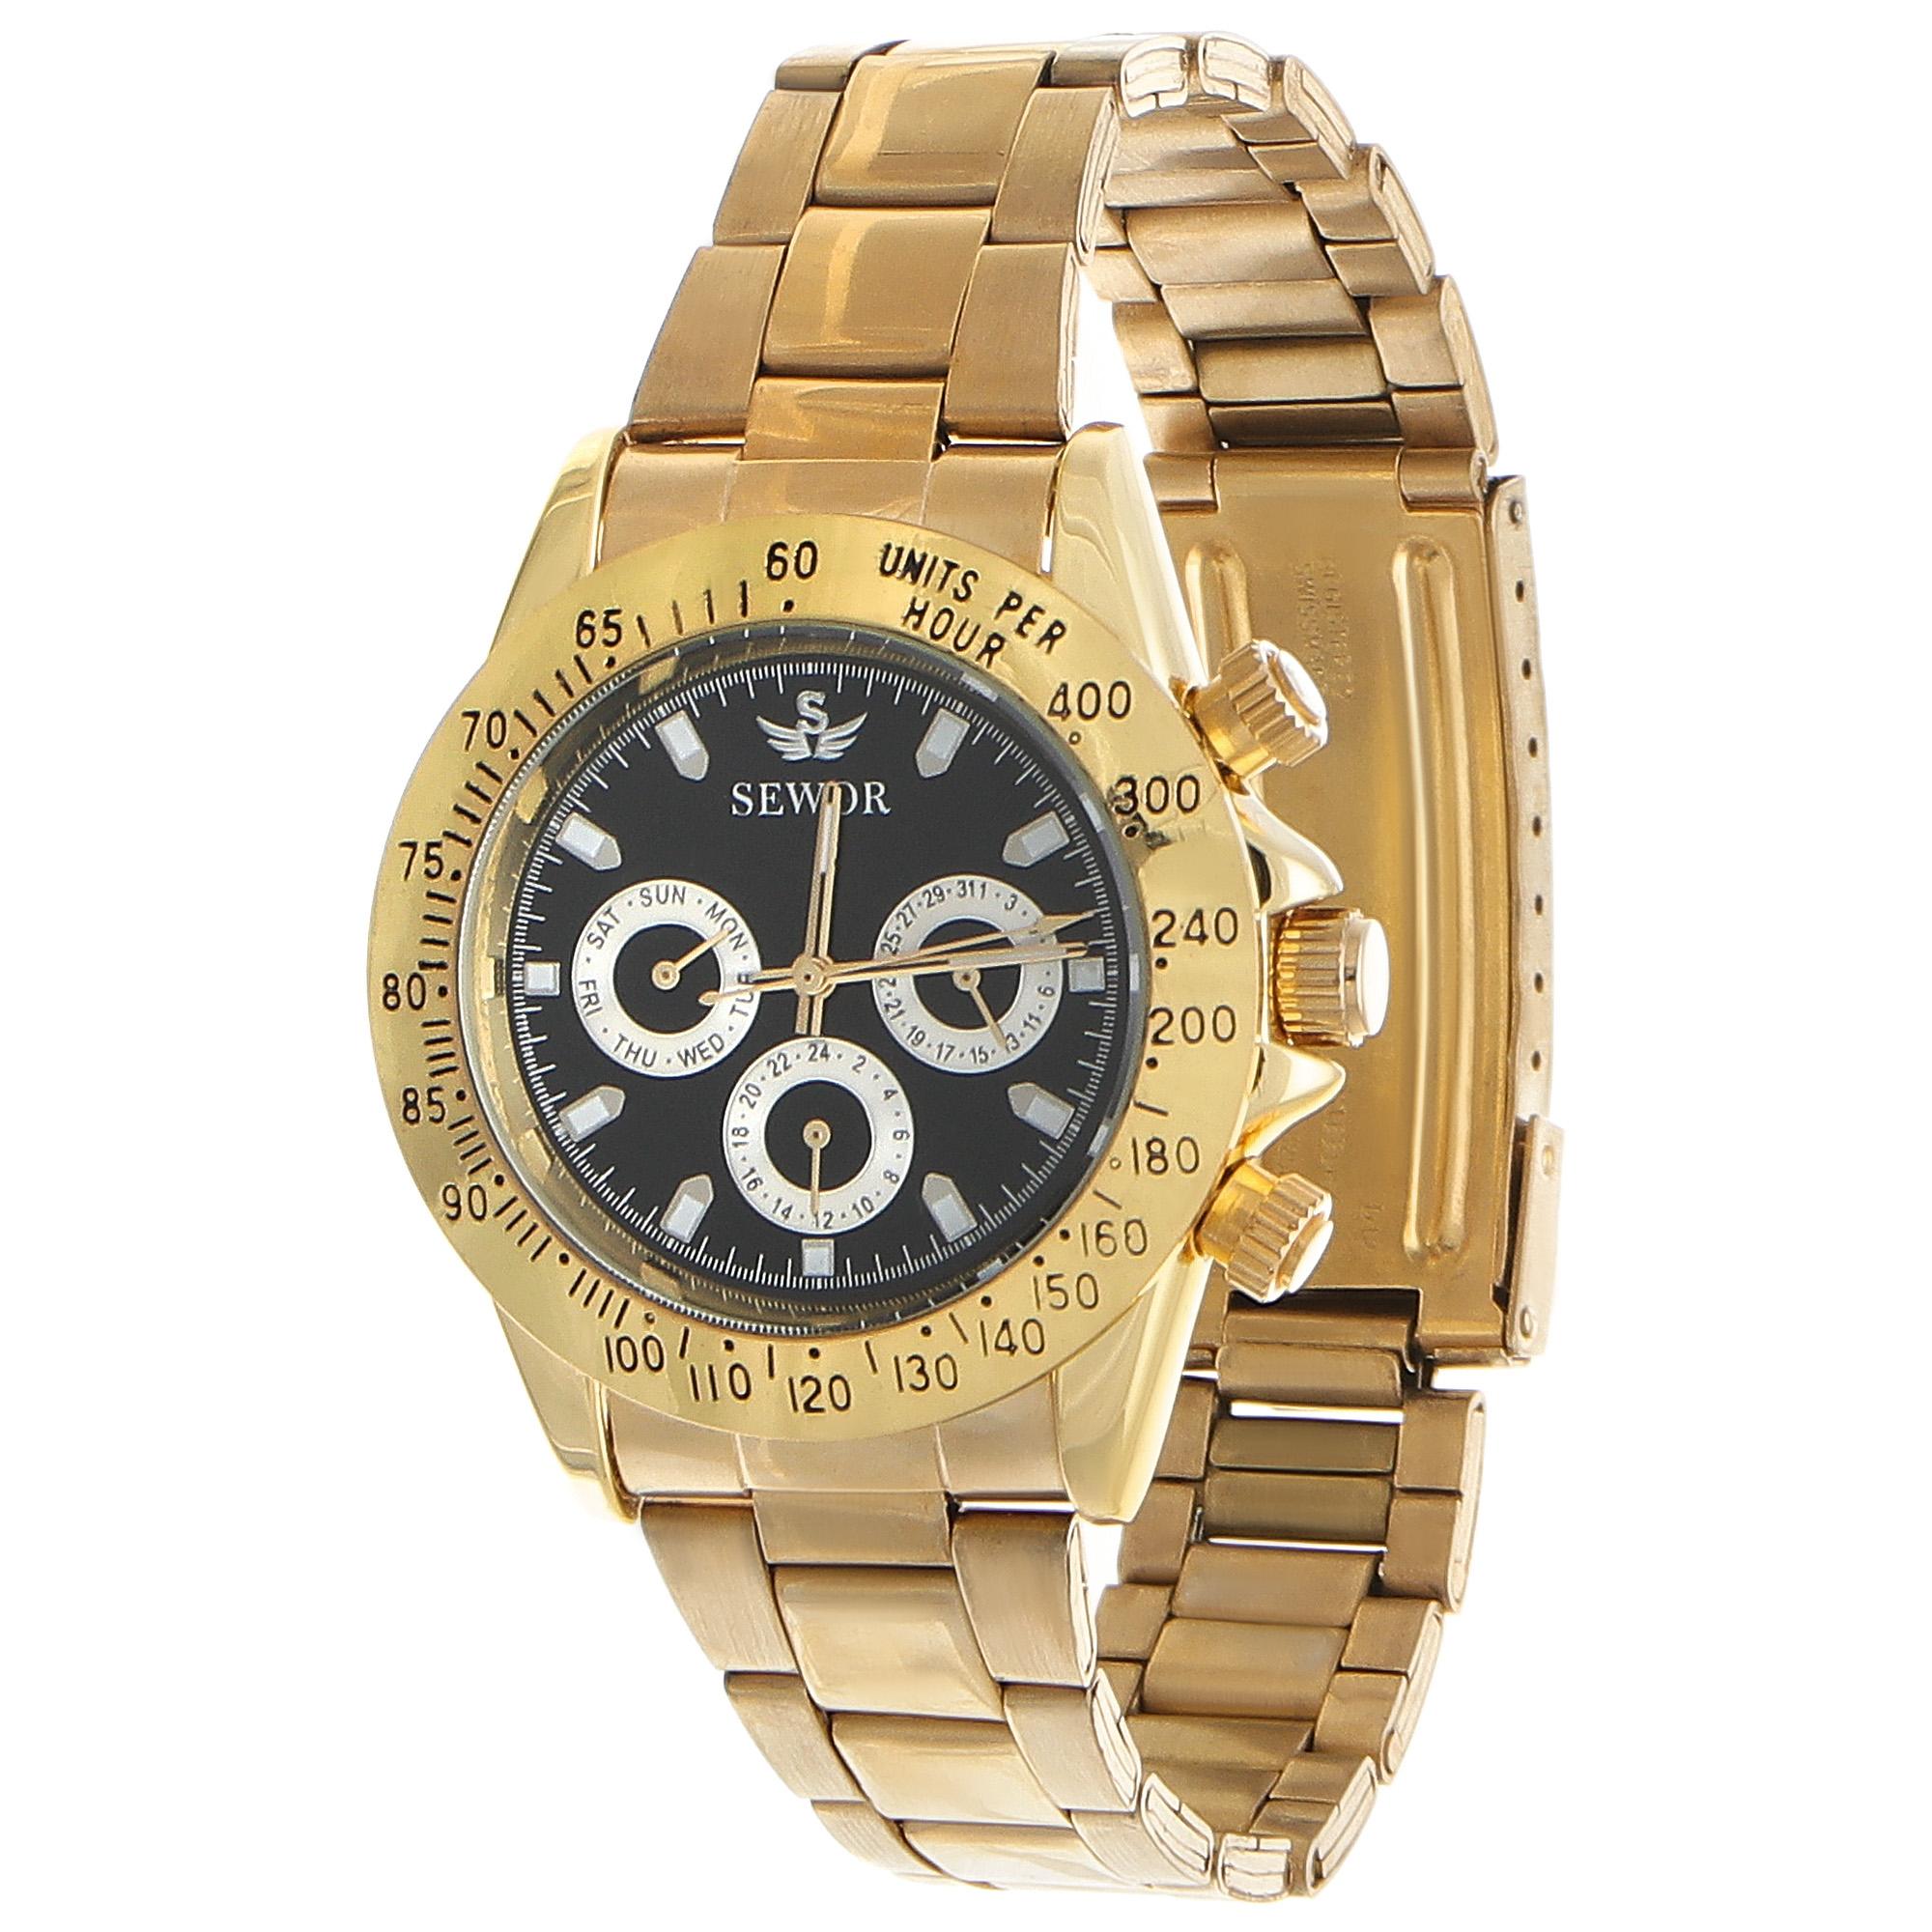 Часы наручные Sewor SWQ701801 часы наручные shiyi watch ochstin agsd791928